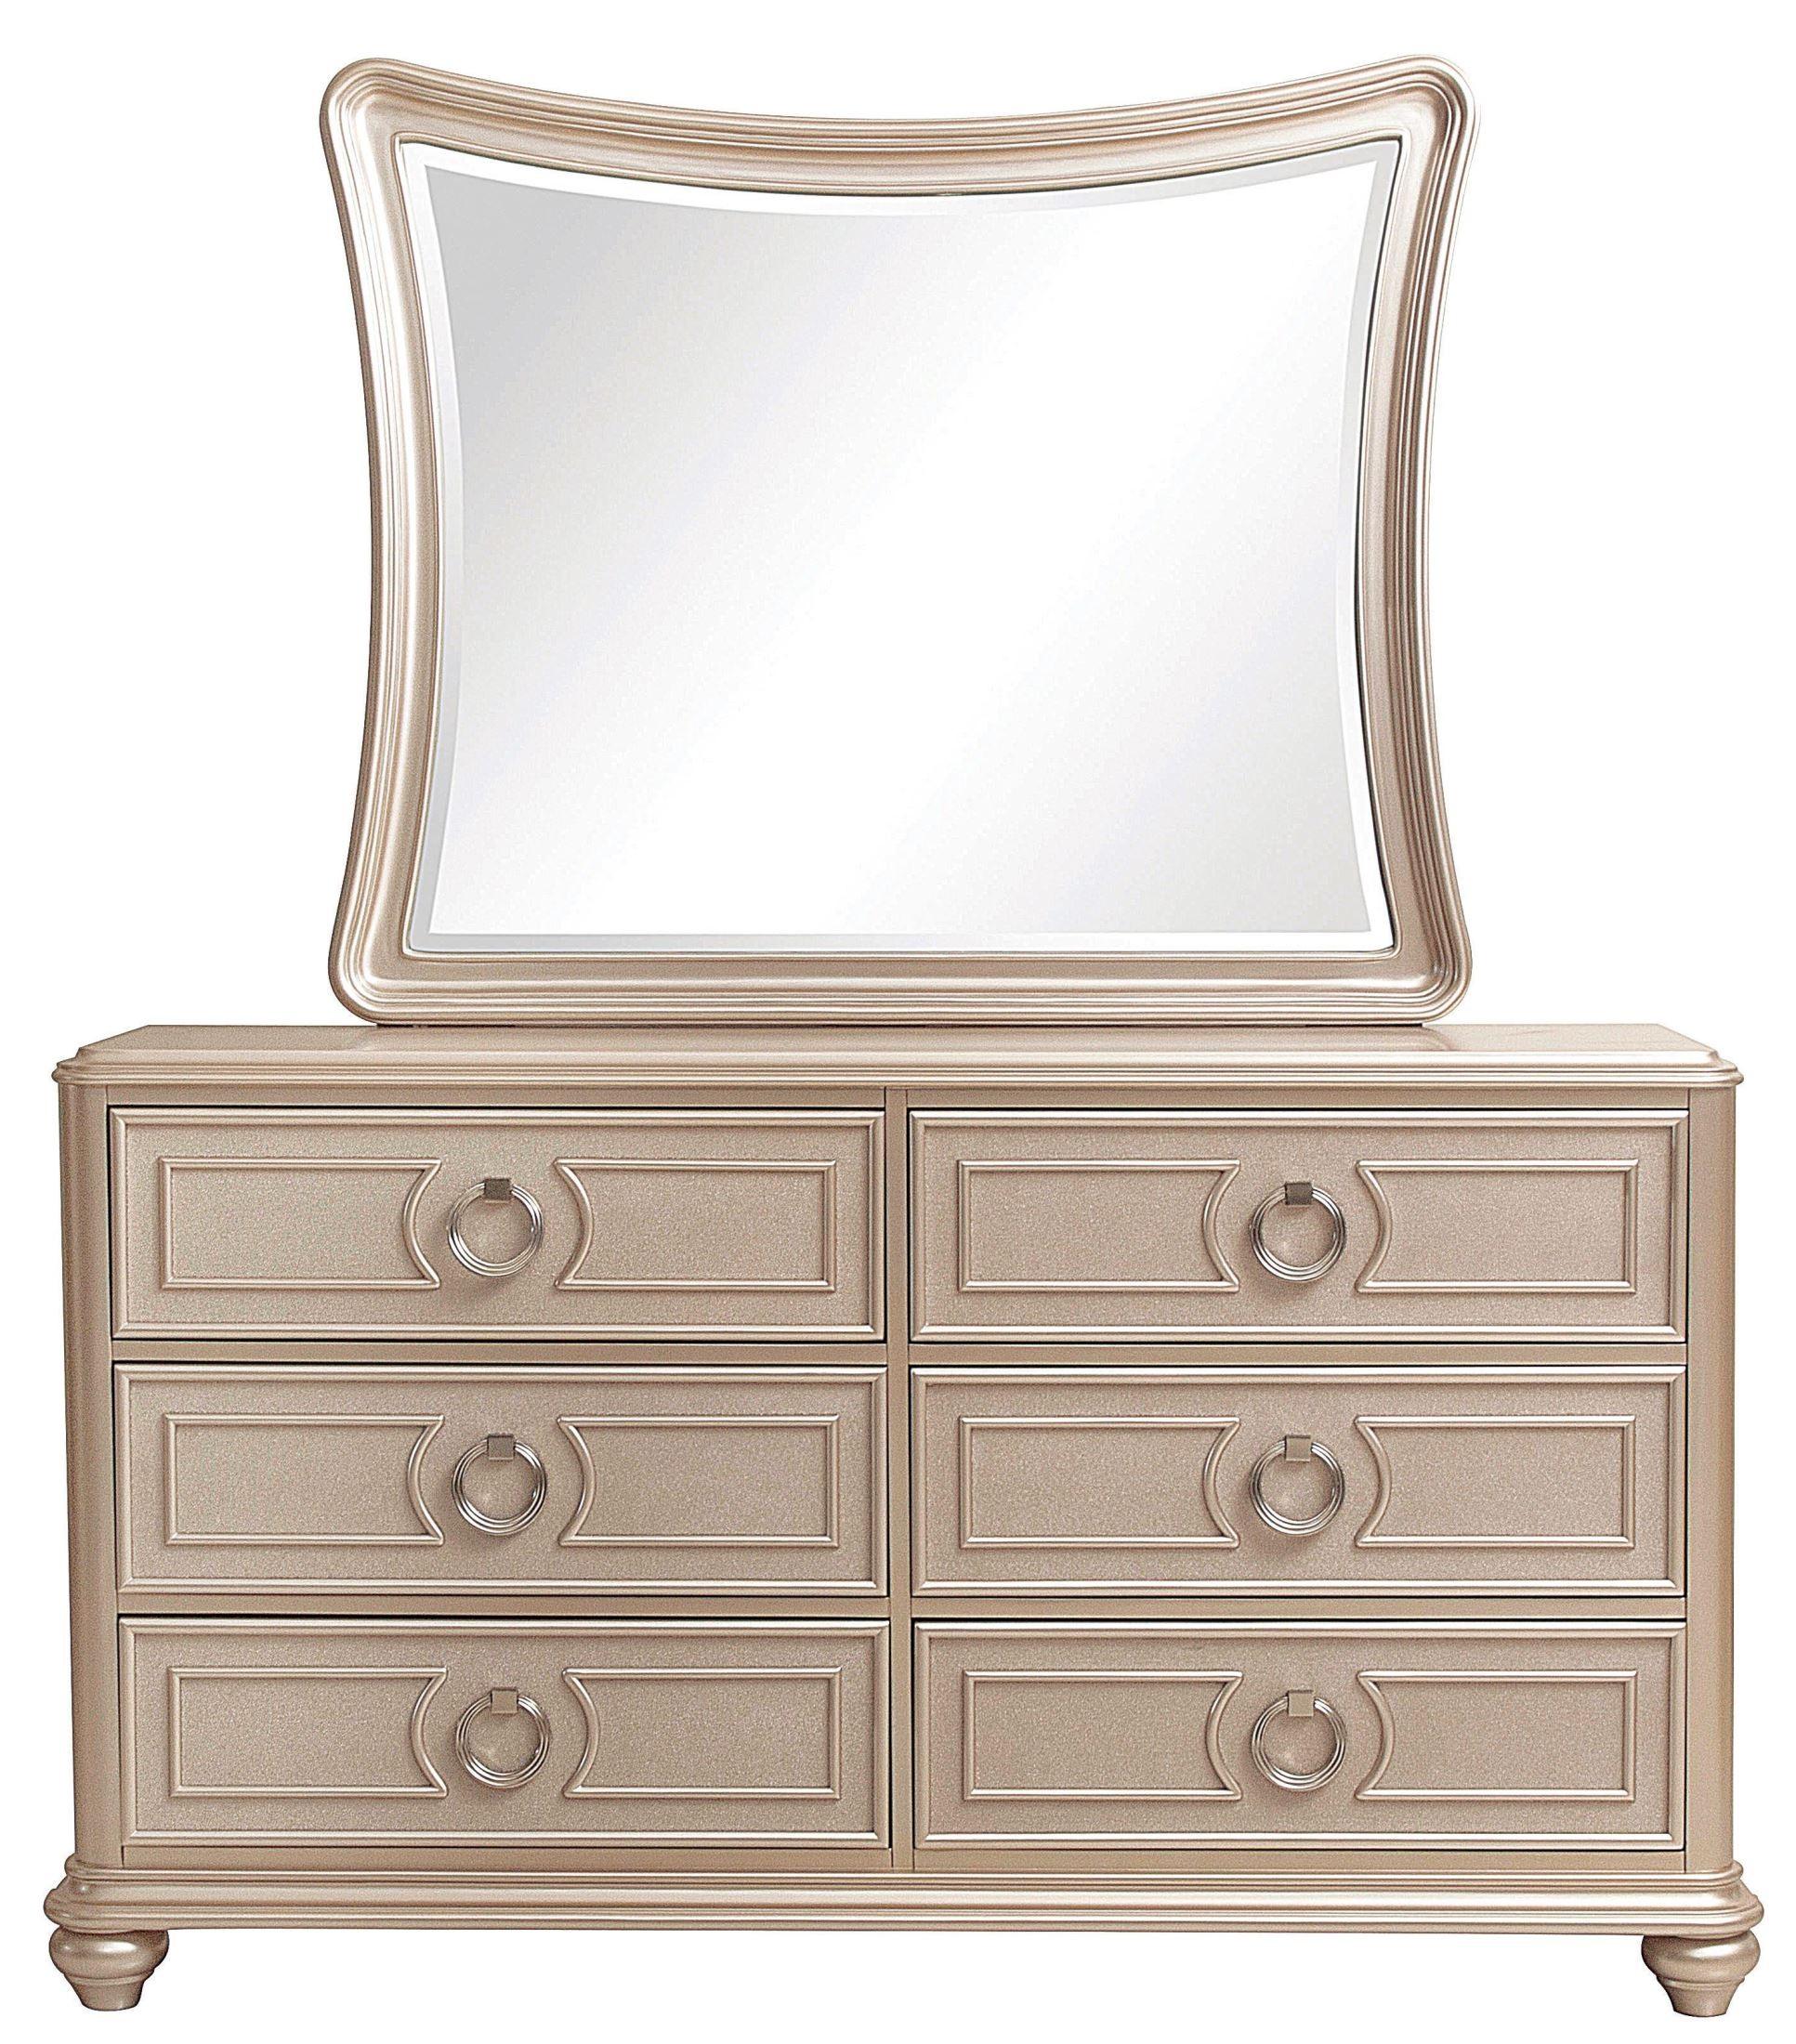 Dynasty Gold Metallic Upholstered Platform Bedroom Set From Samuel Lawrence Coleman Furniture